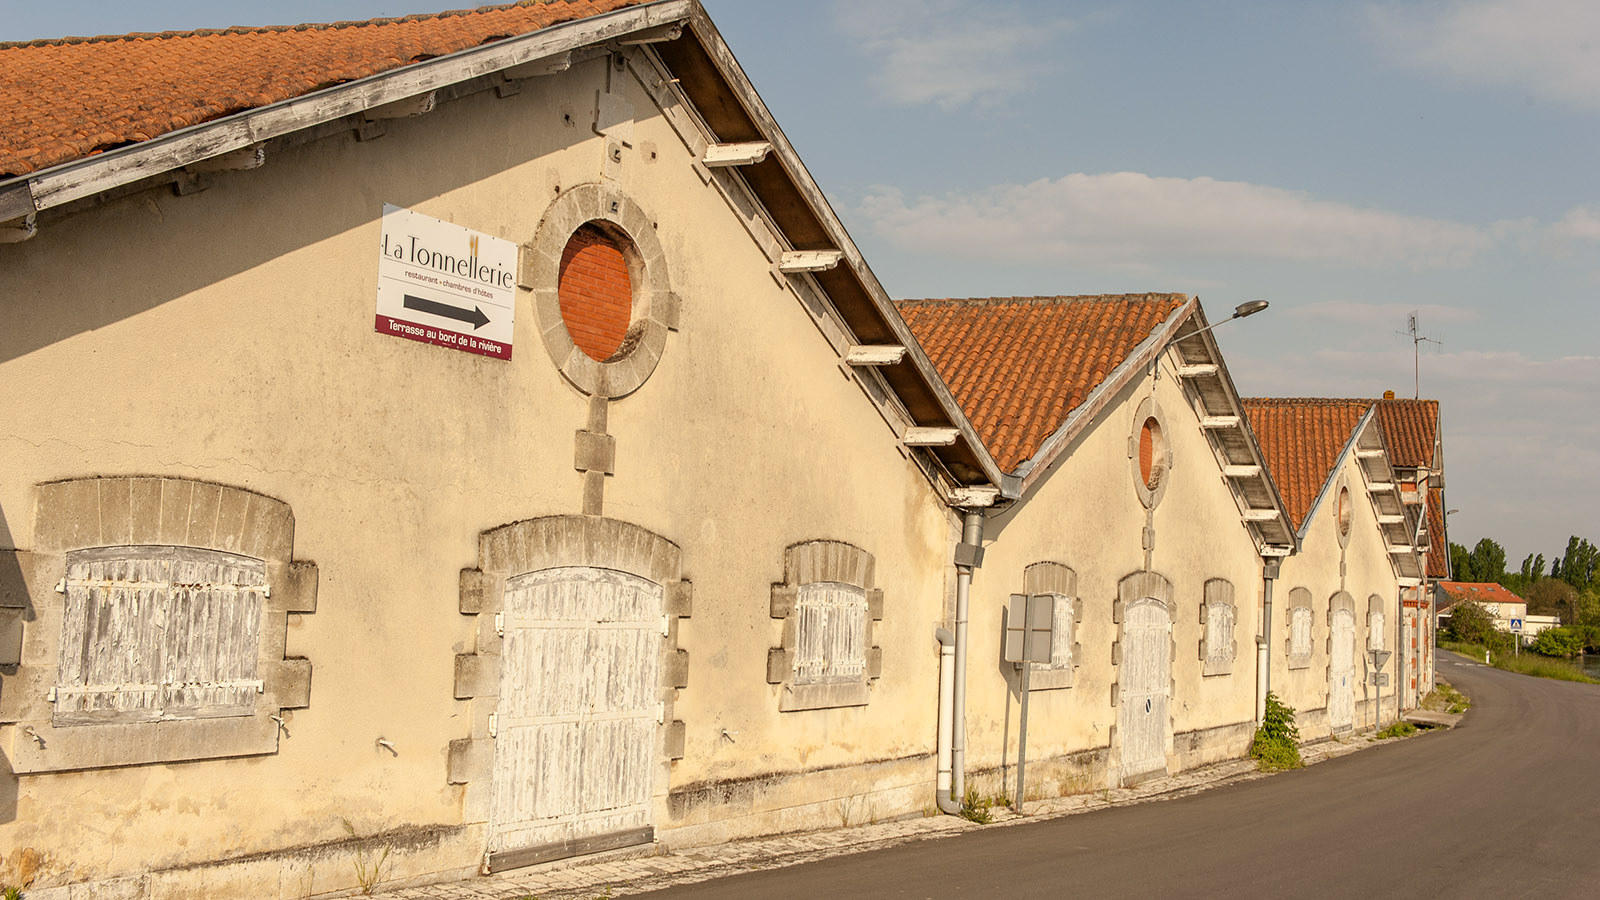 Châteauneuf-sur-Charente: Wir folgten dem Schild auf den Schuppen am Kai. Foto: Hilke Maunder